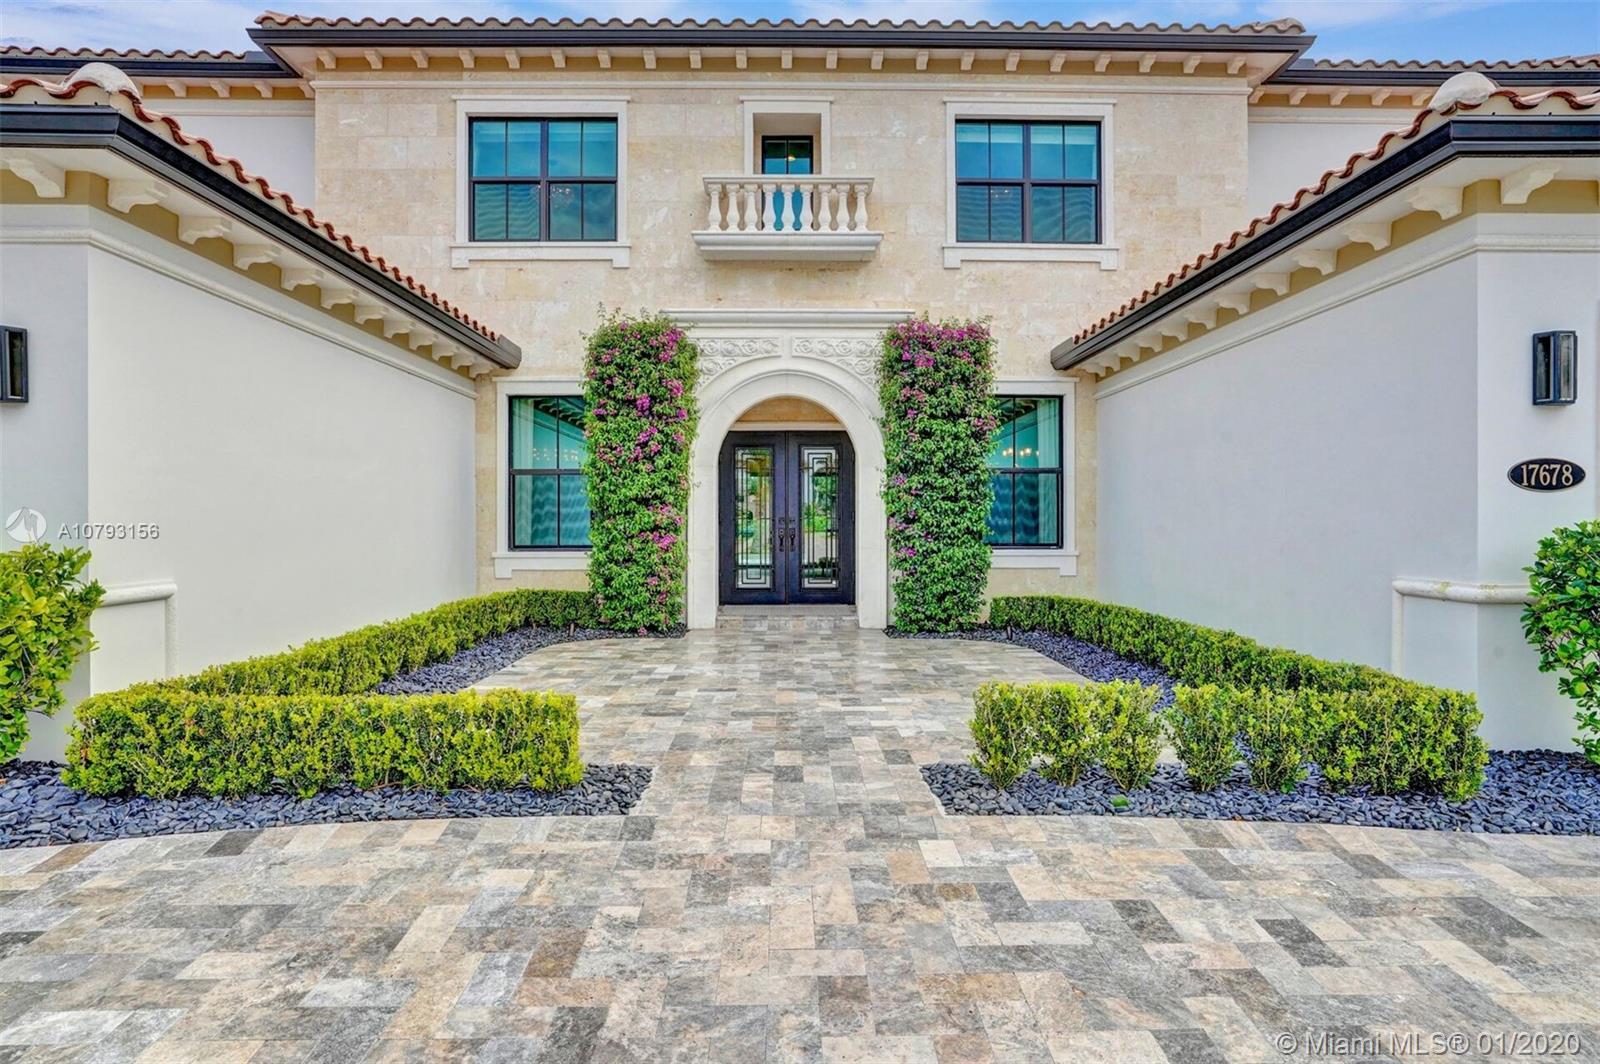 17678  Cadena Dr  For Sale A10793156, FL